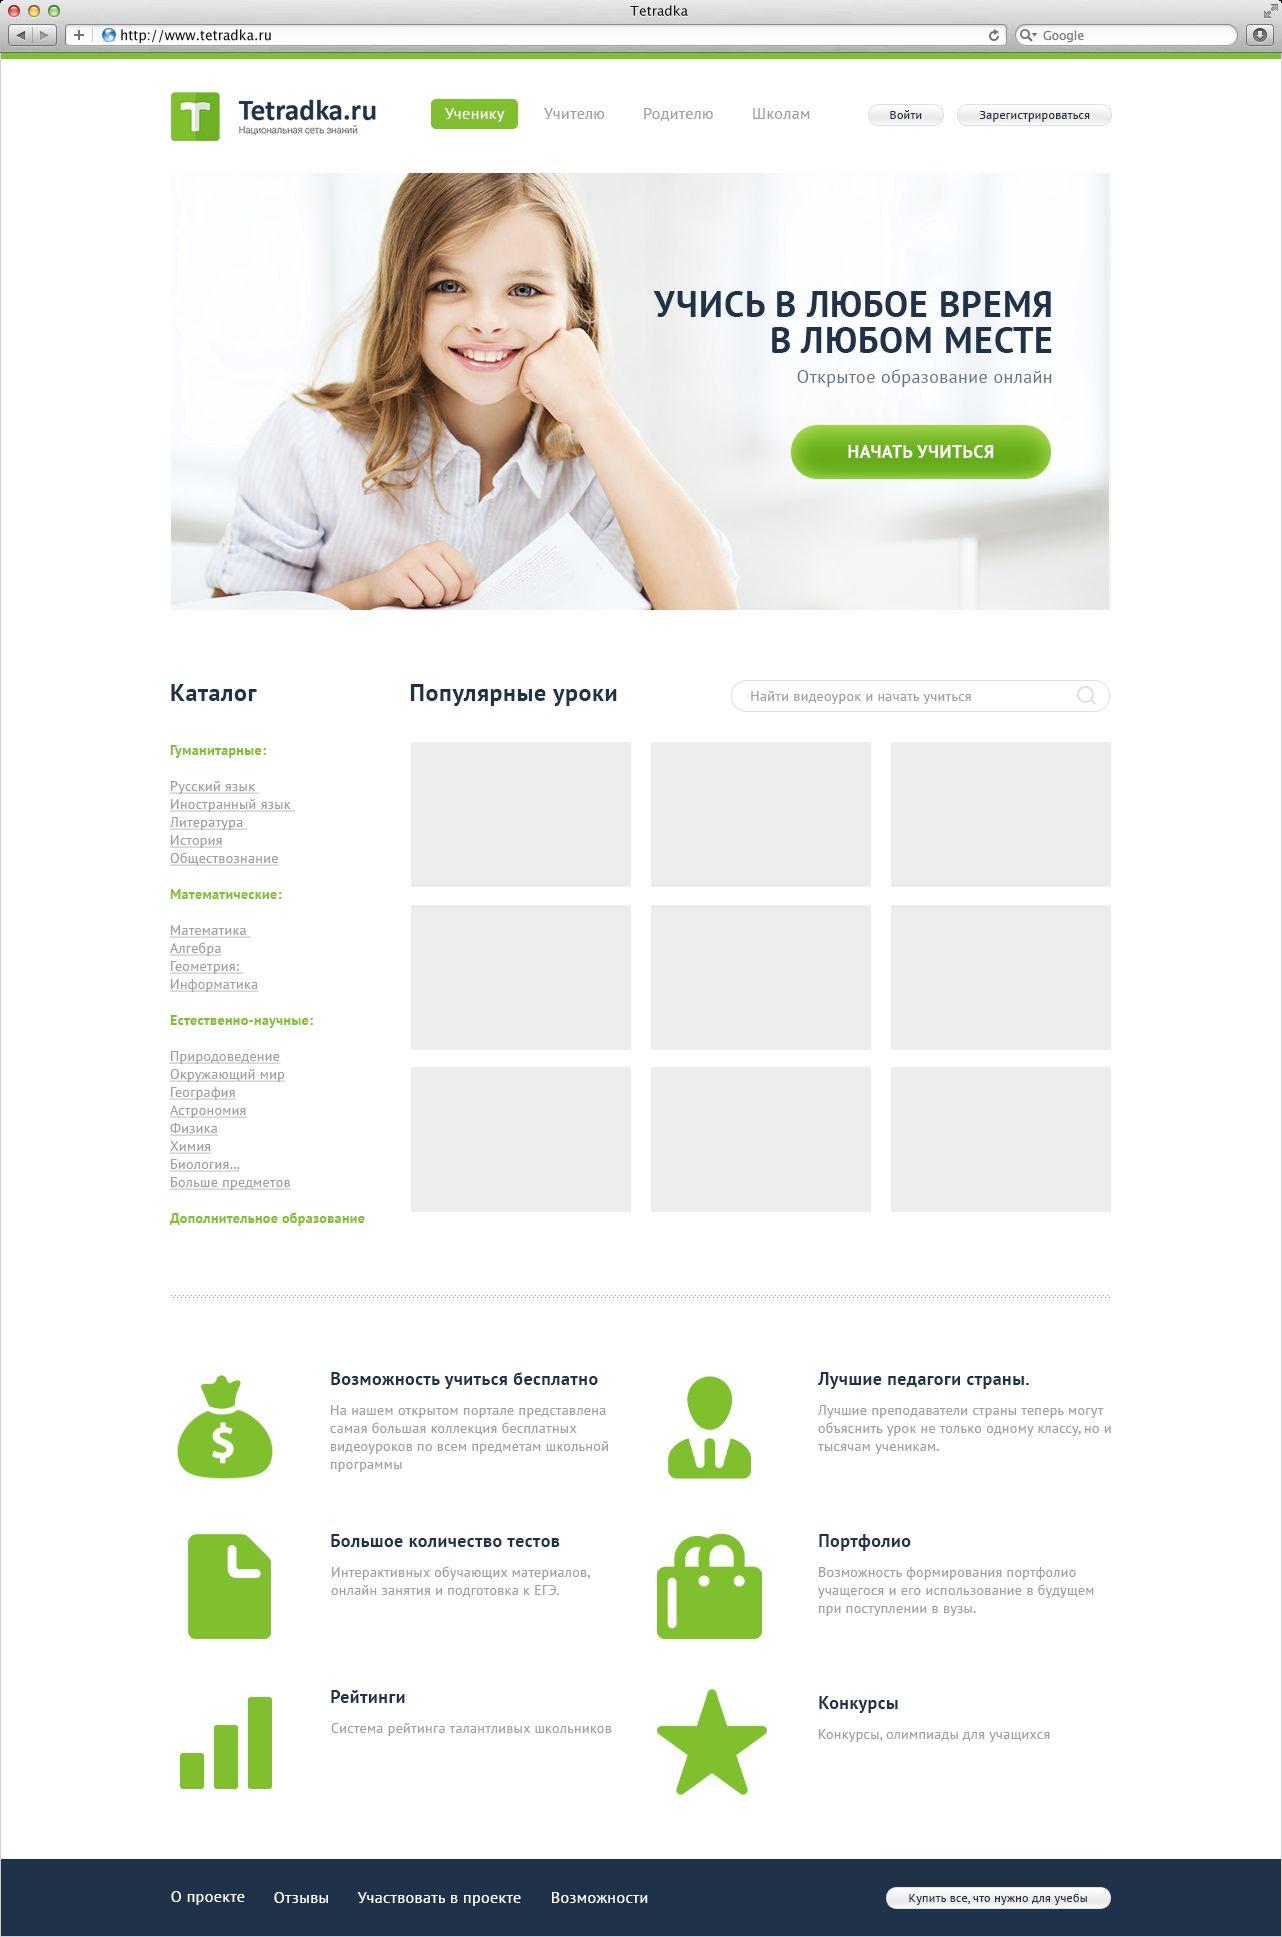 Главная страница образовательной сети tetradka.ru - дизайнер this_optimism